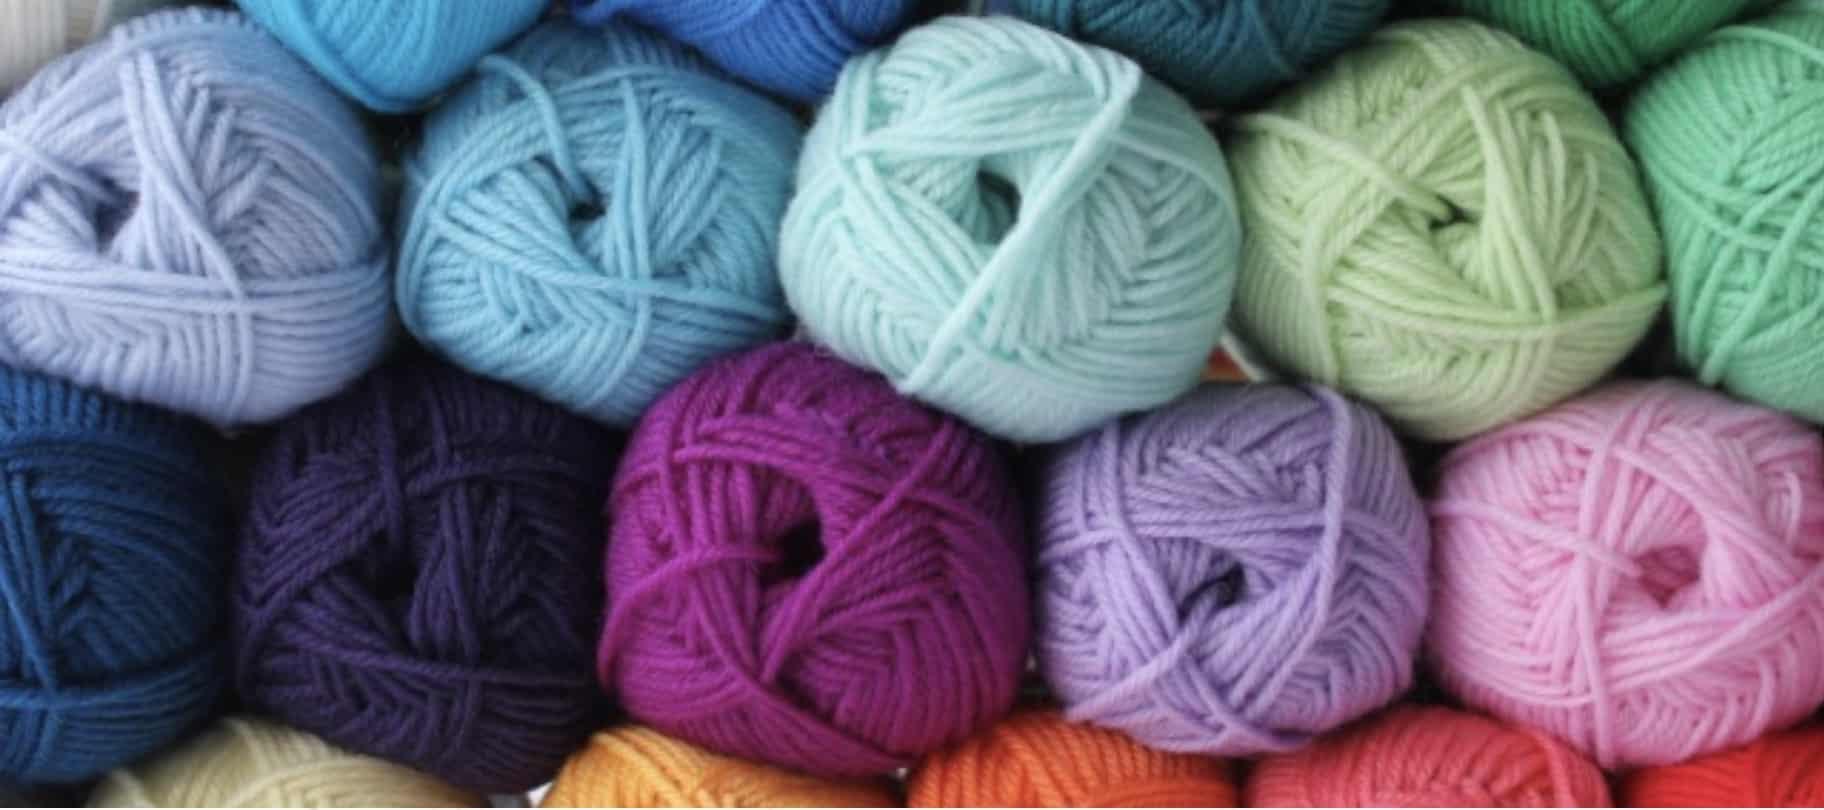 The Knit Shoppe image.jpeg